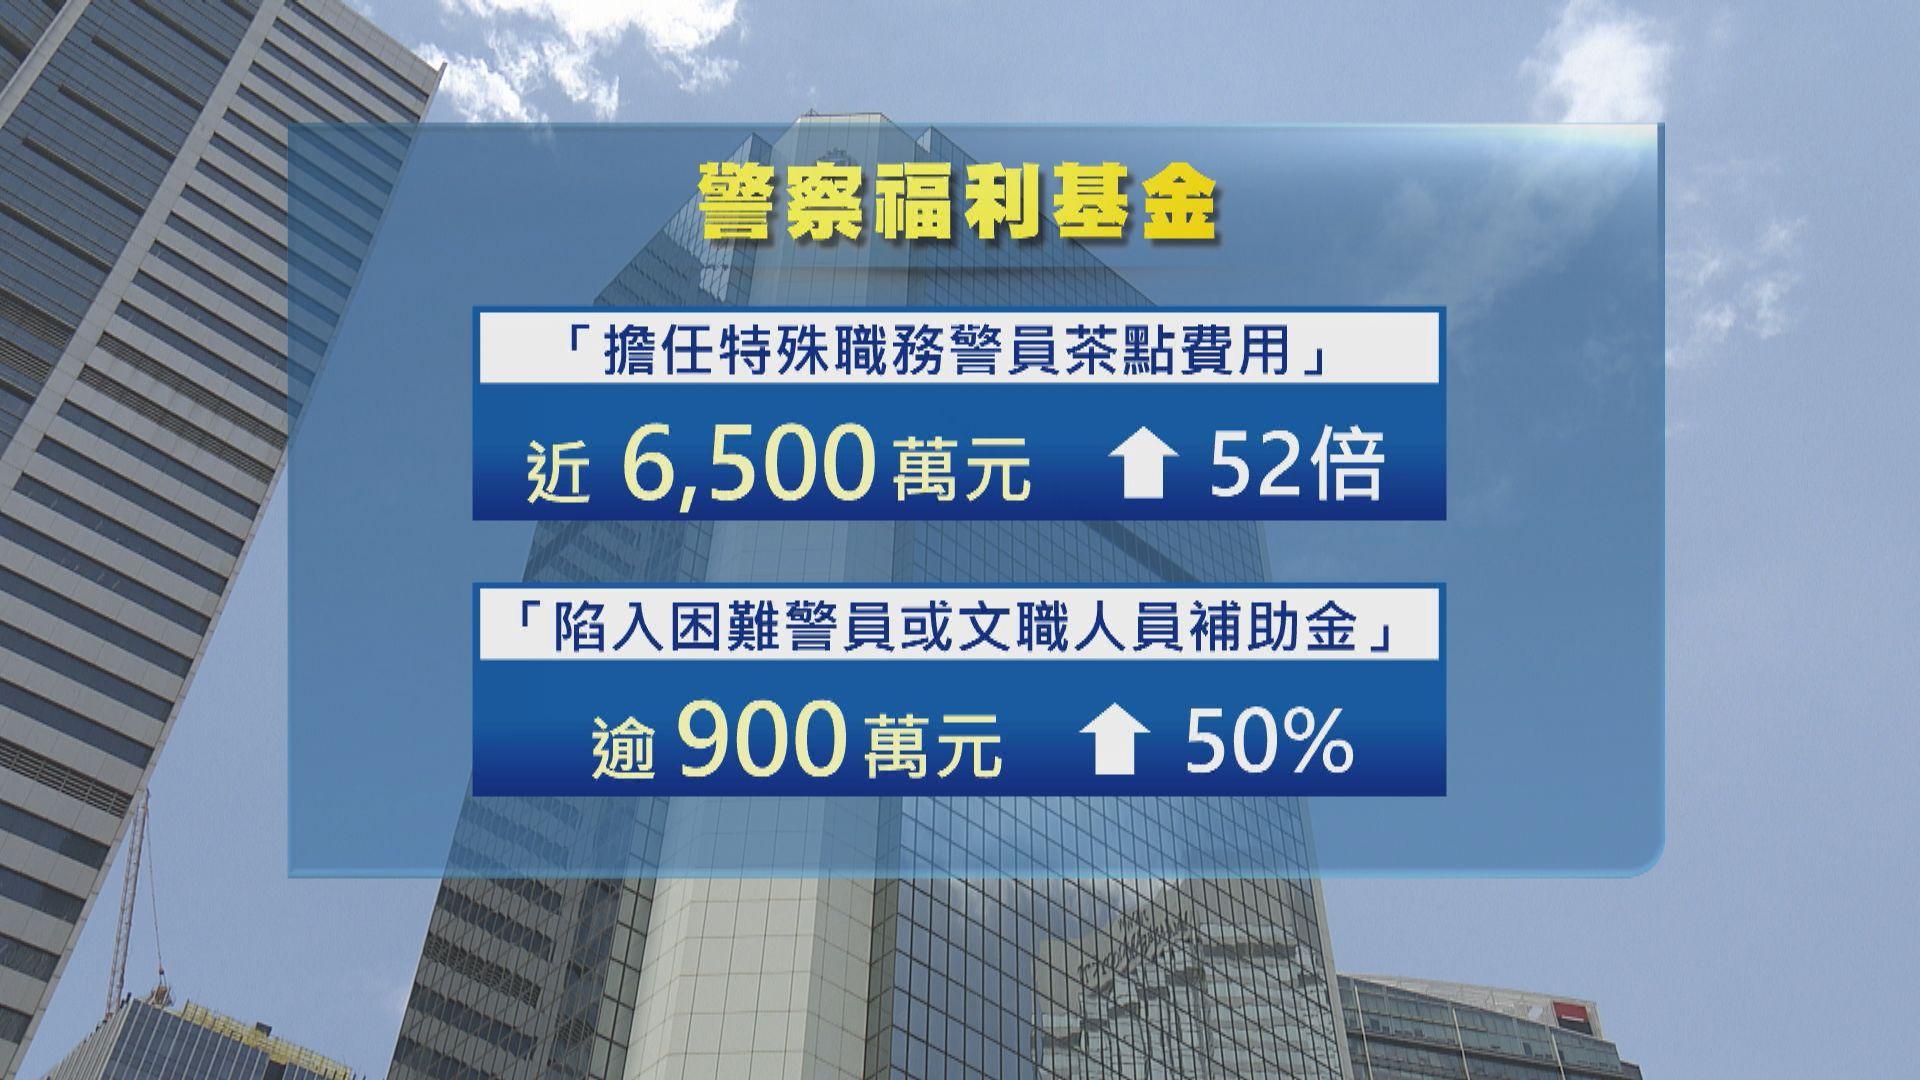 特殊職務警員茶點費近六千萬元 開支增52倍